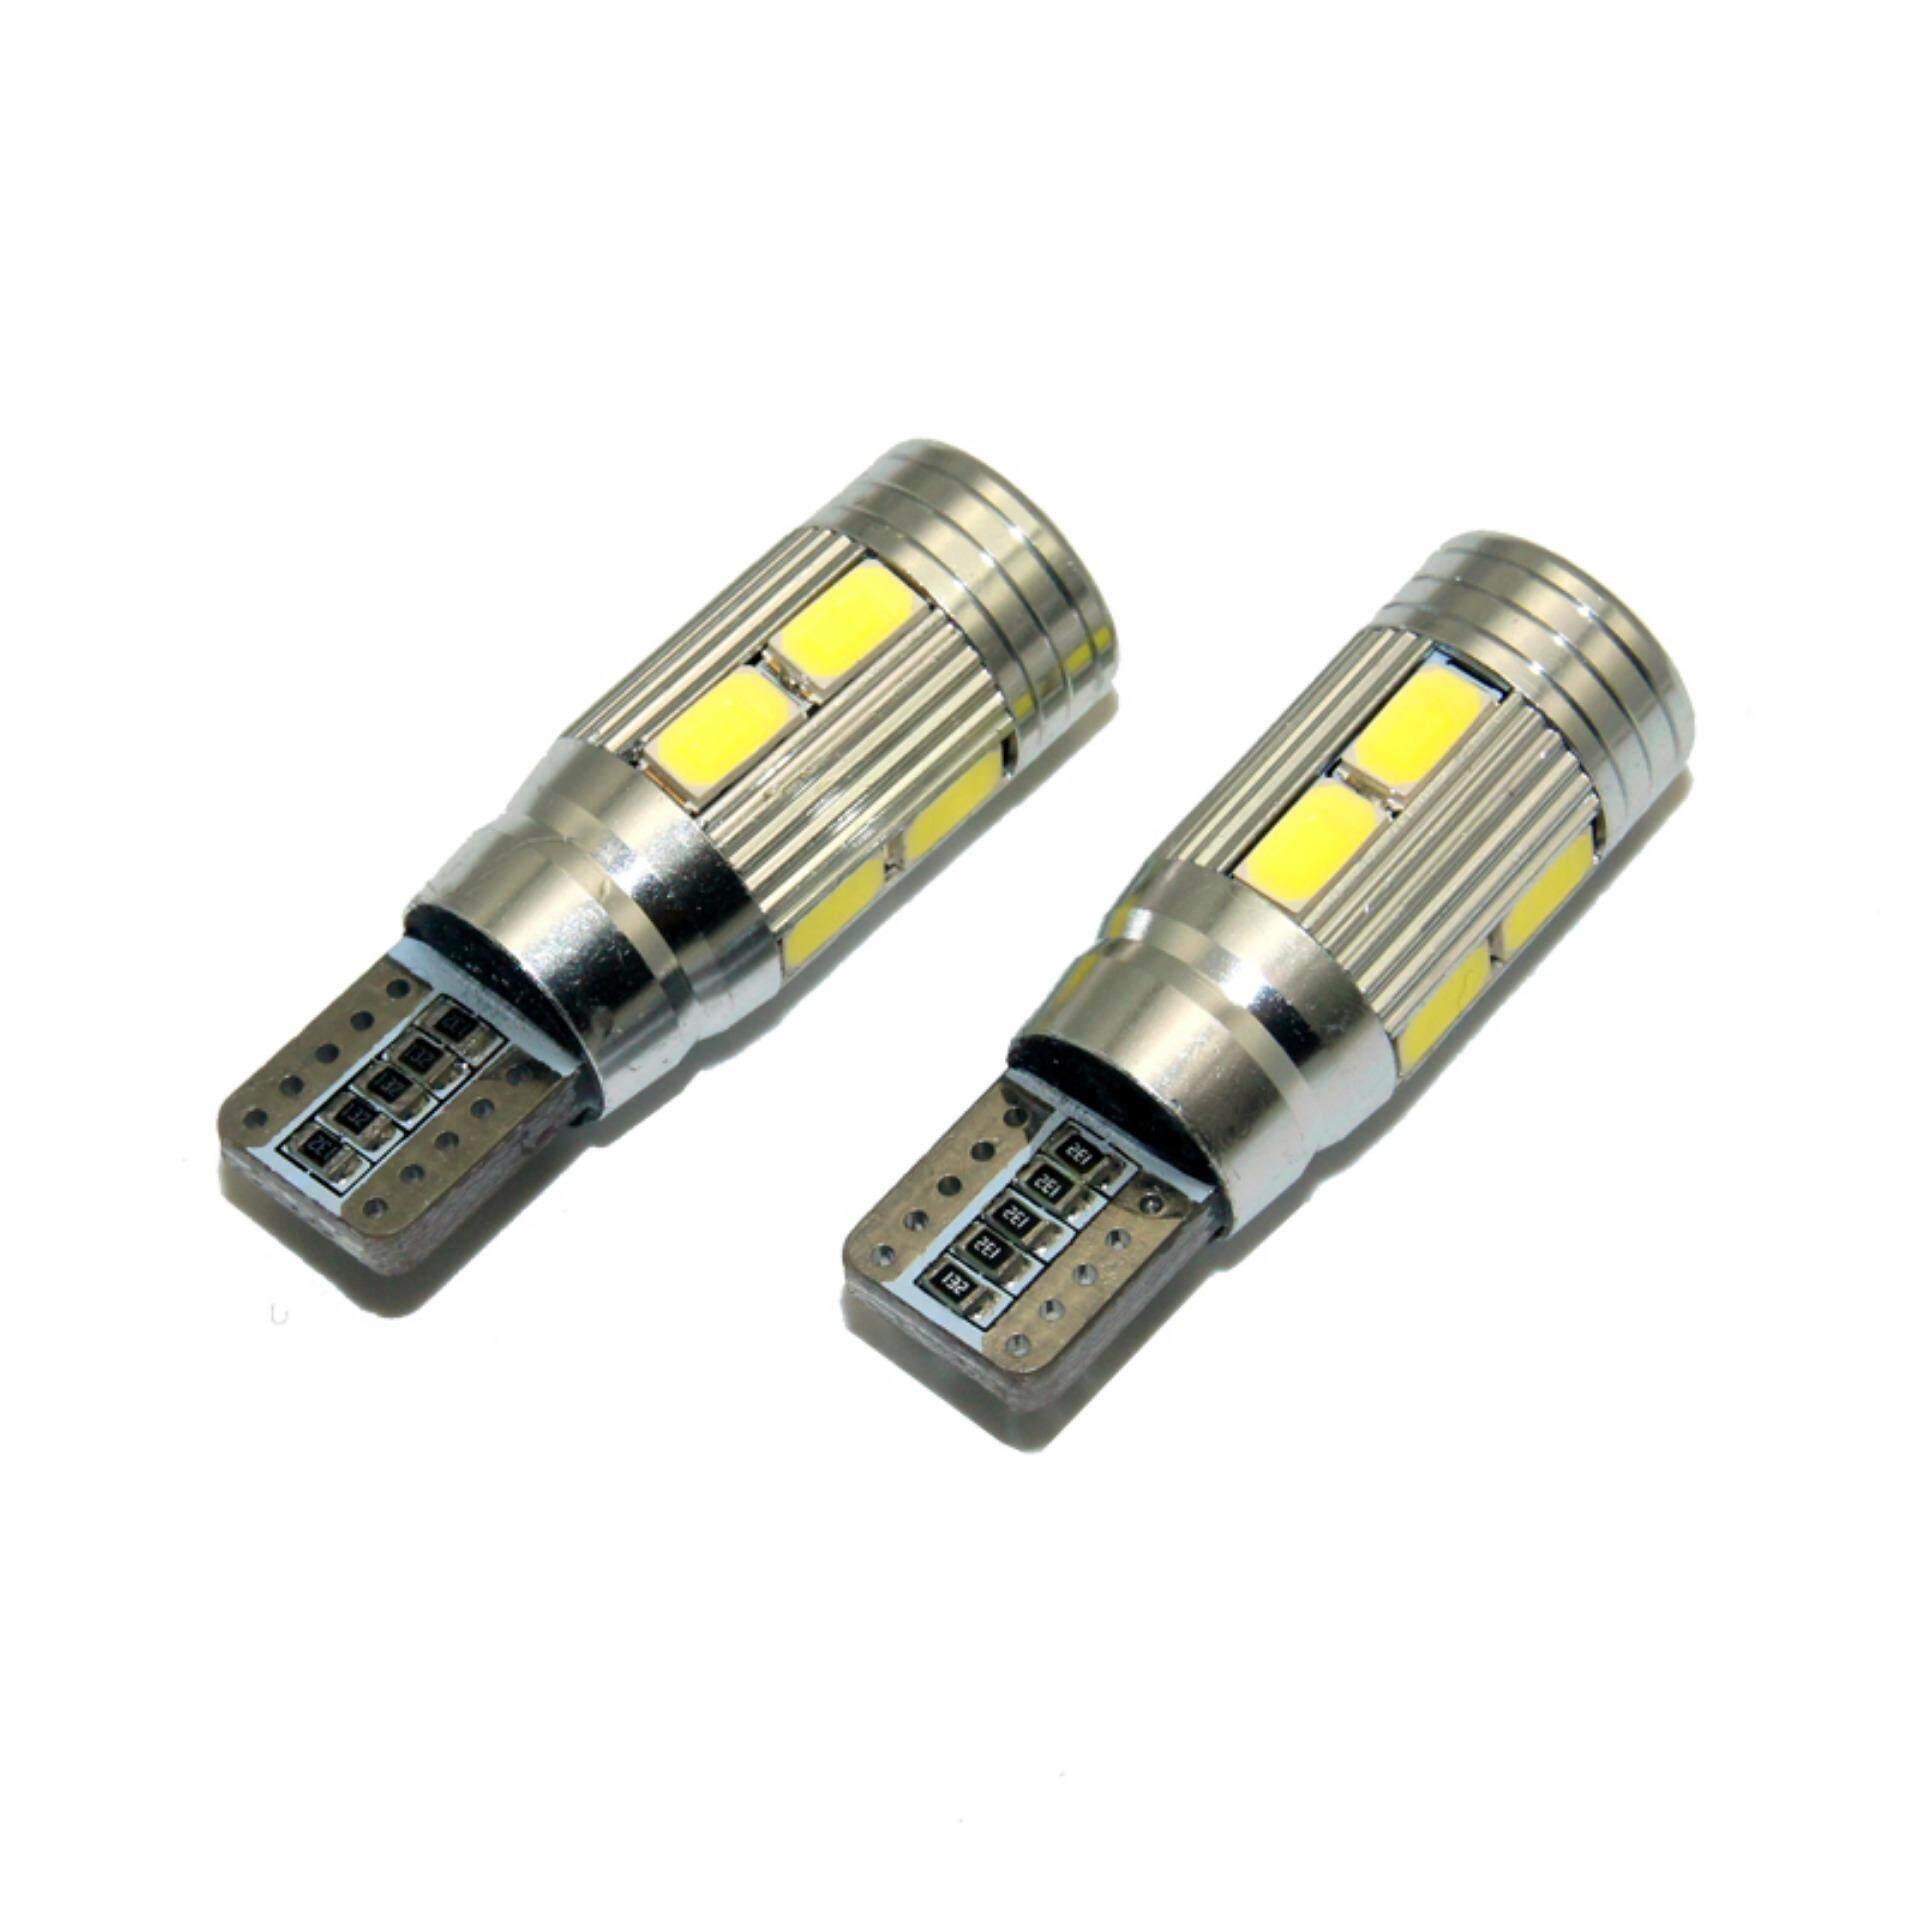 MHStore 2PCS T10 6 LED Canbus No Error License Plate Fog Parking Light Bulb Lamp for